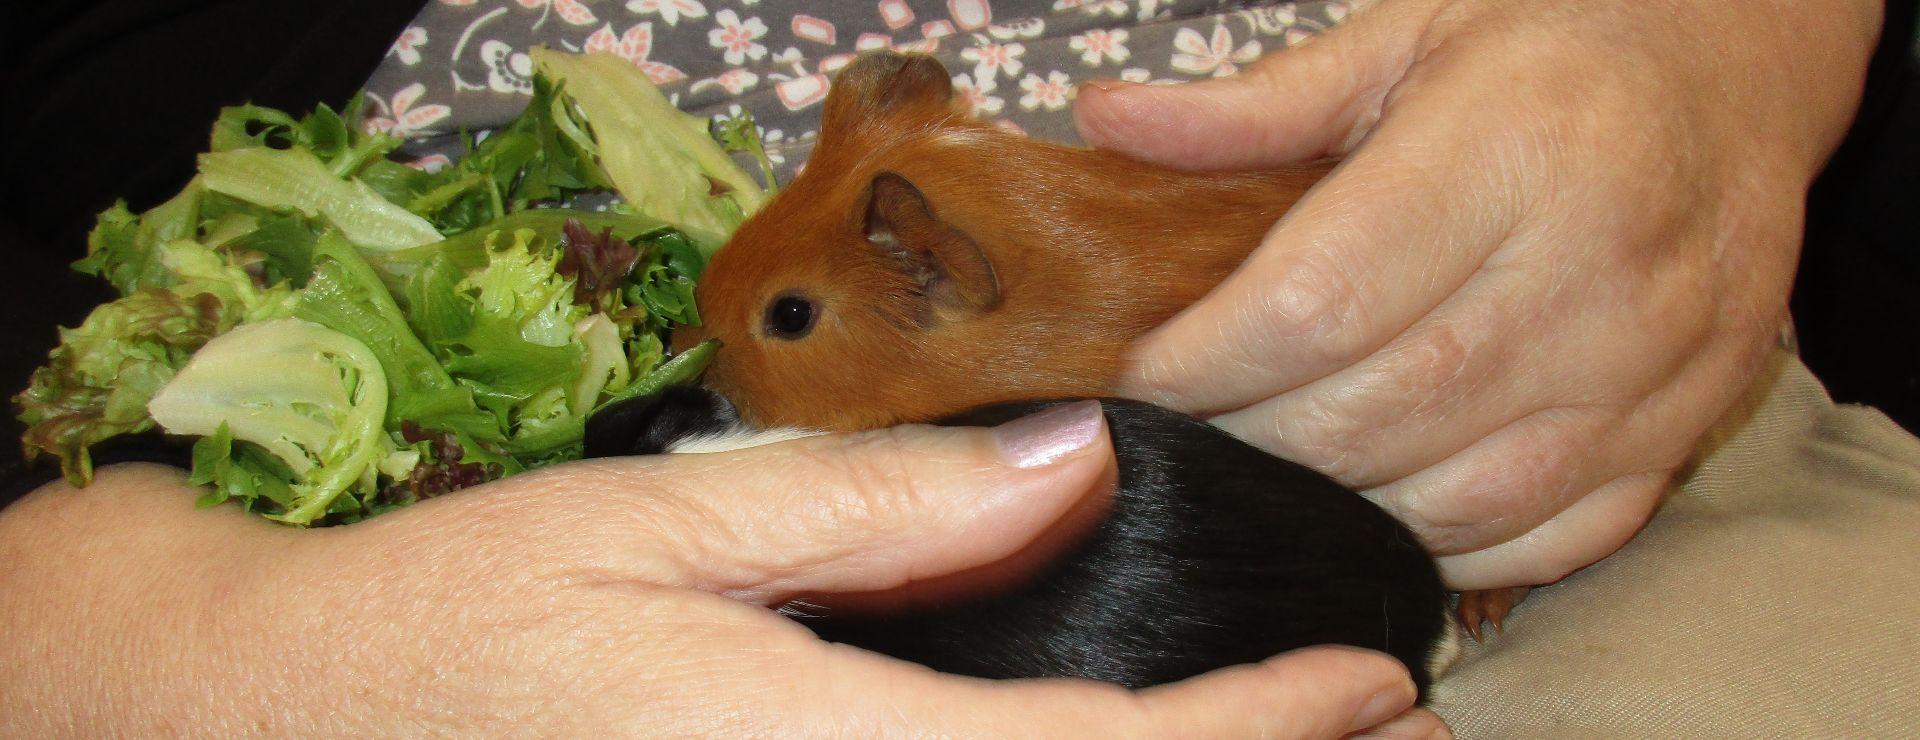 Guinea Pig feeding time.